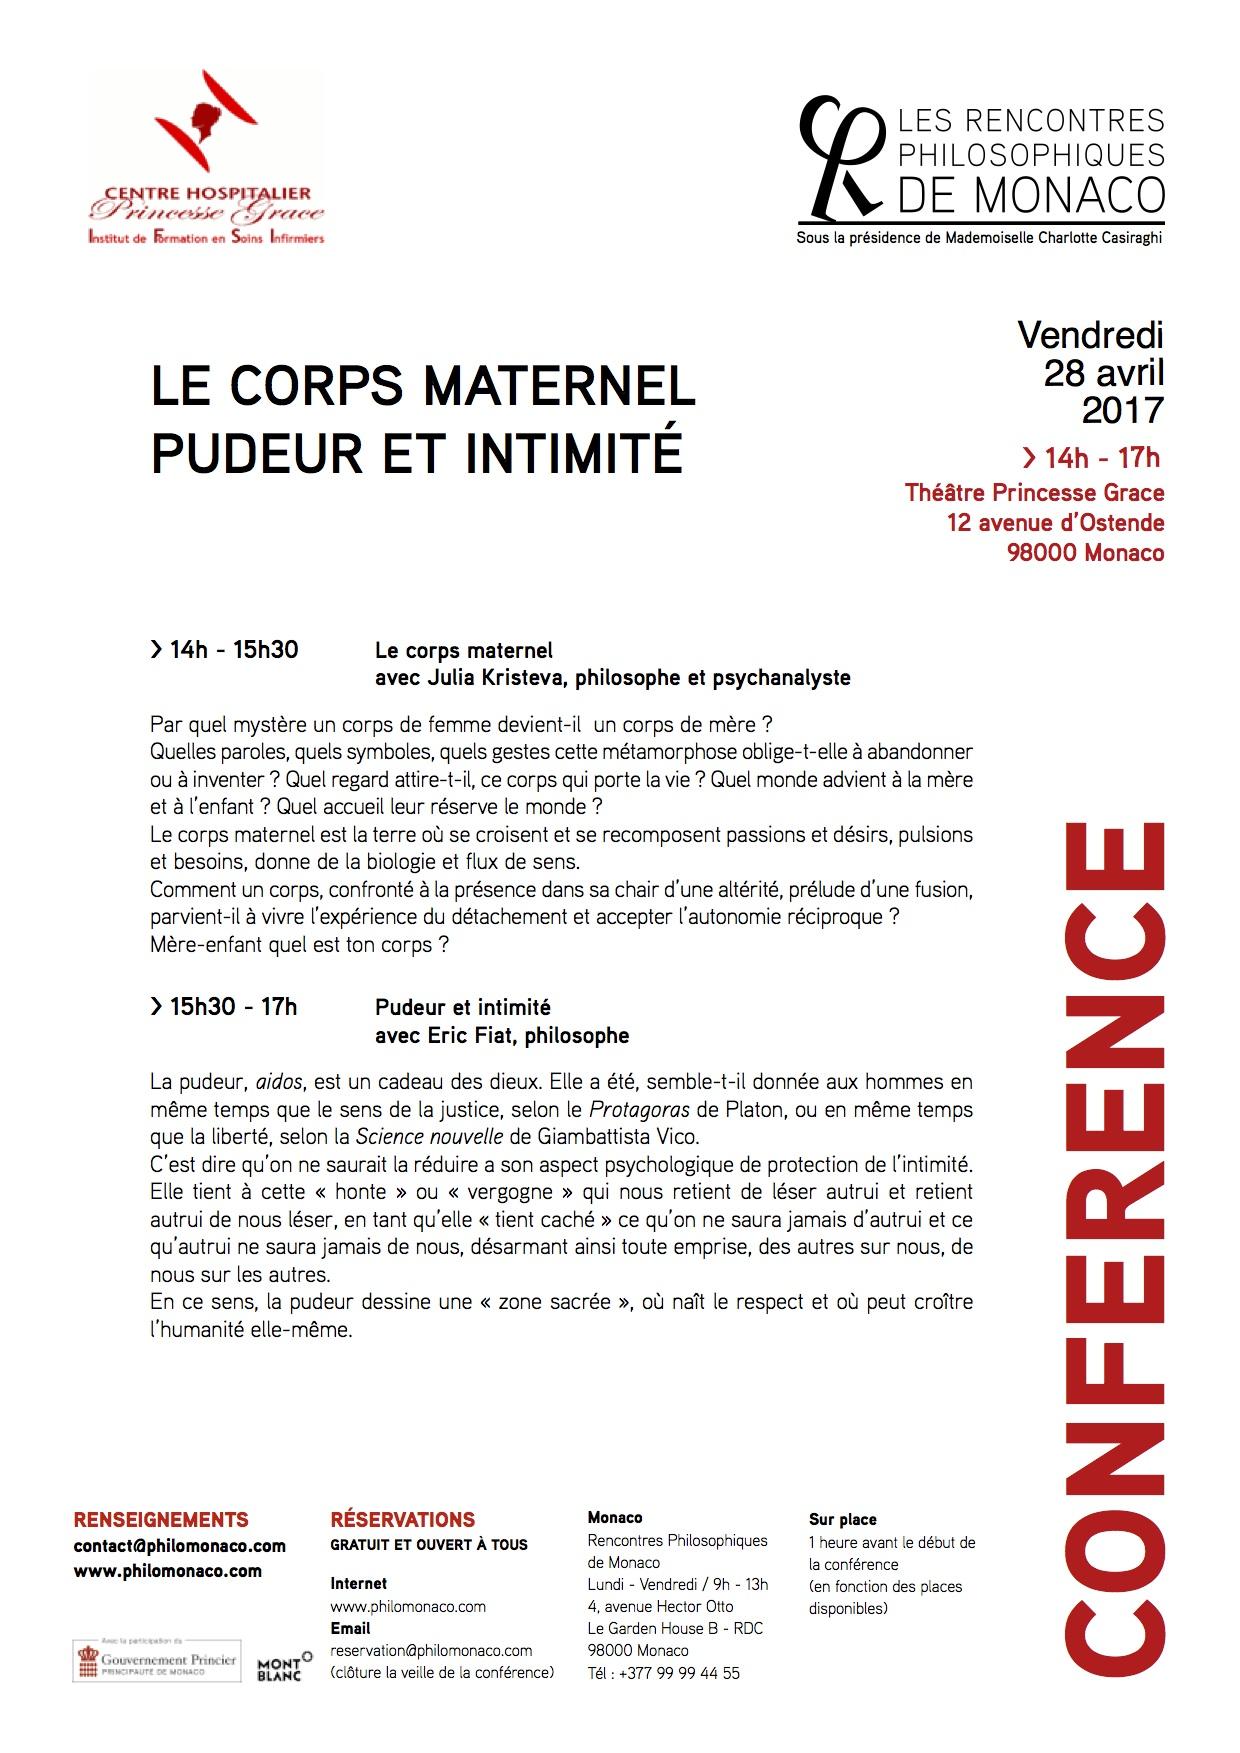 2761, 2761, Conférence Le Corps maternelPudeur et intimité, conference-le-corps-maternelpudeur-et-intimite.jpg, 520768, https://philomonaco.com/wp-content/uploads/2017/02/conference-le-corps-maternelpudeur-et-intimite.jpg, https://philomonaco.com/saison/saison-parallele-20162017/conference-le-corps-maternelpudeur-et-intimite/, , 2, , , conference-le-corps-maternelpudeur-et-intimite, inherit, 1011, 2017-03-28 09:35:58, 2017-03-28 09:42:36, 0, image/jpeg, image, jpeg, https://philomonaco.com/wp-includes/images/media/default.png, 1240, 1753, Array